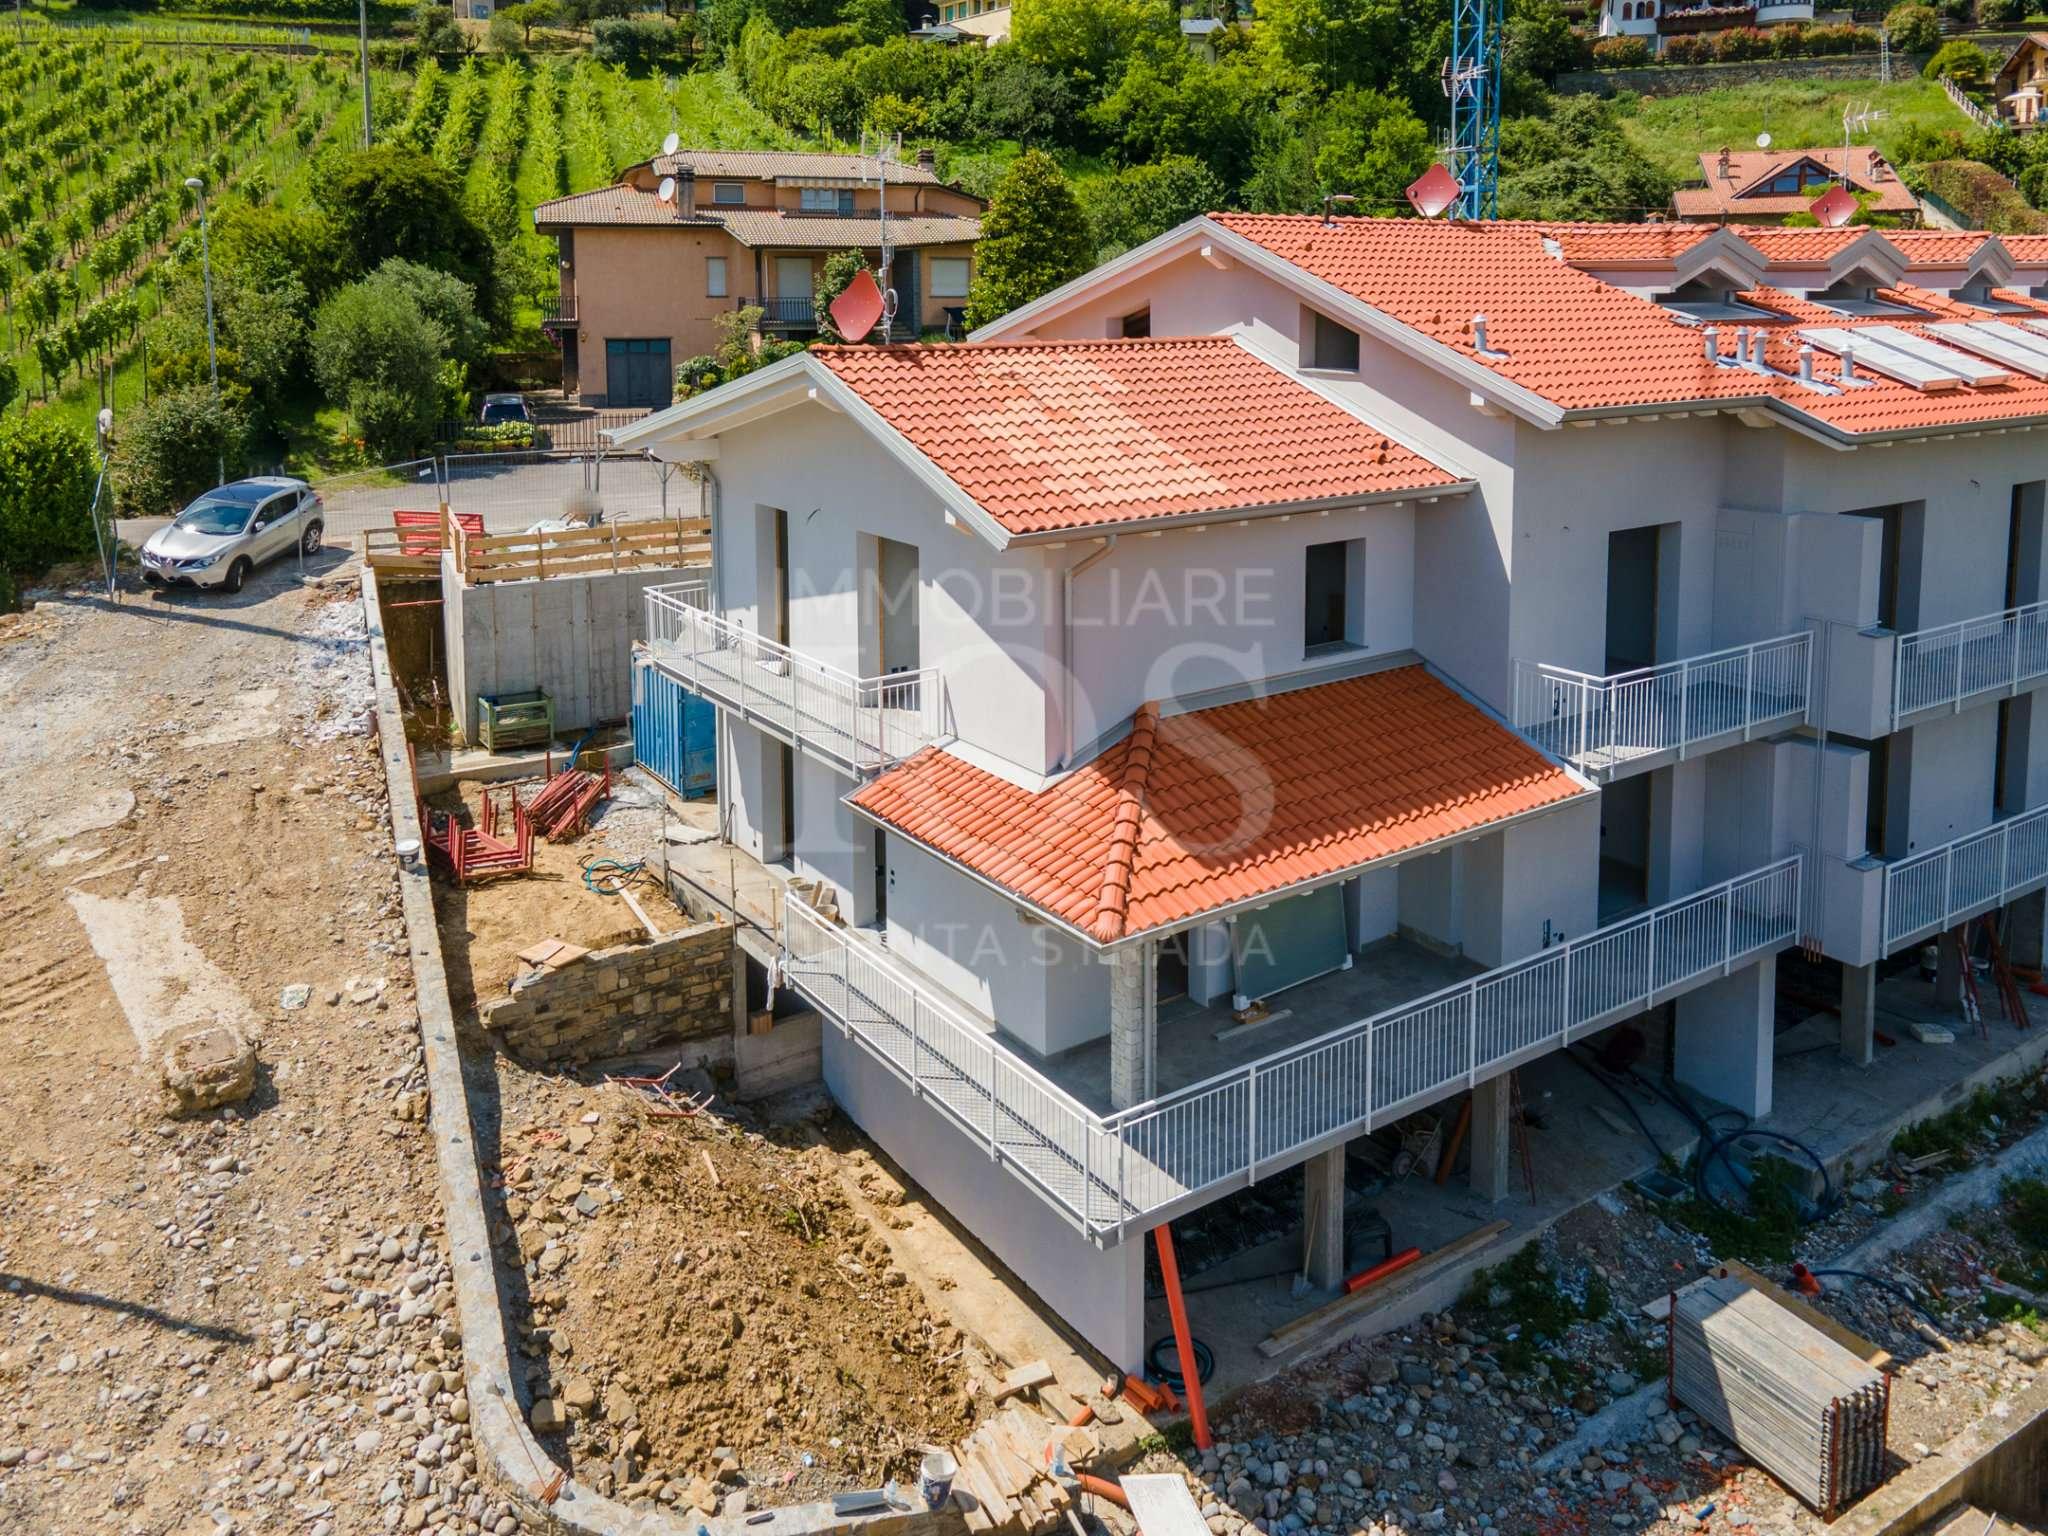 Villa in vendita a Foresto Sparso, 6 locali, prezzo € 179.000 | PortaleAgenzieImmobiliari.it